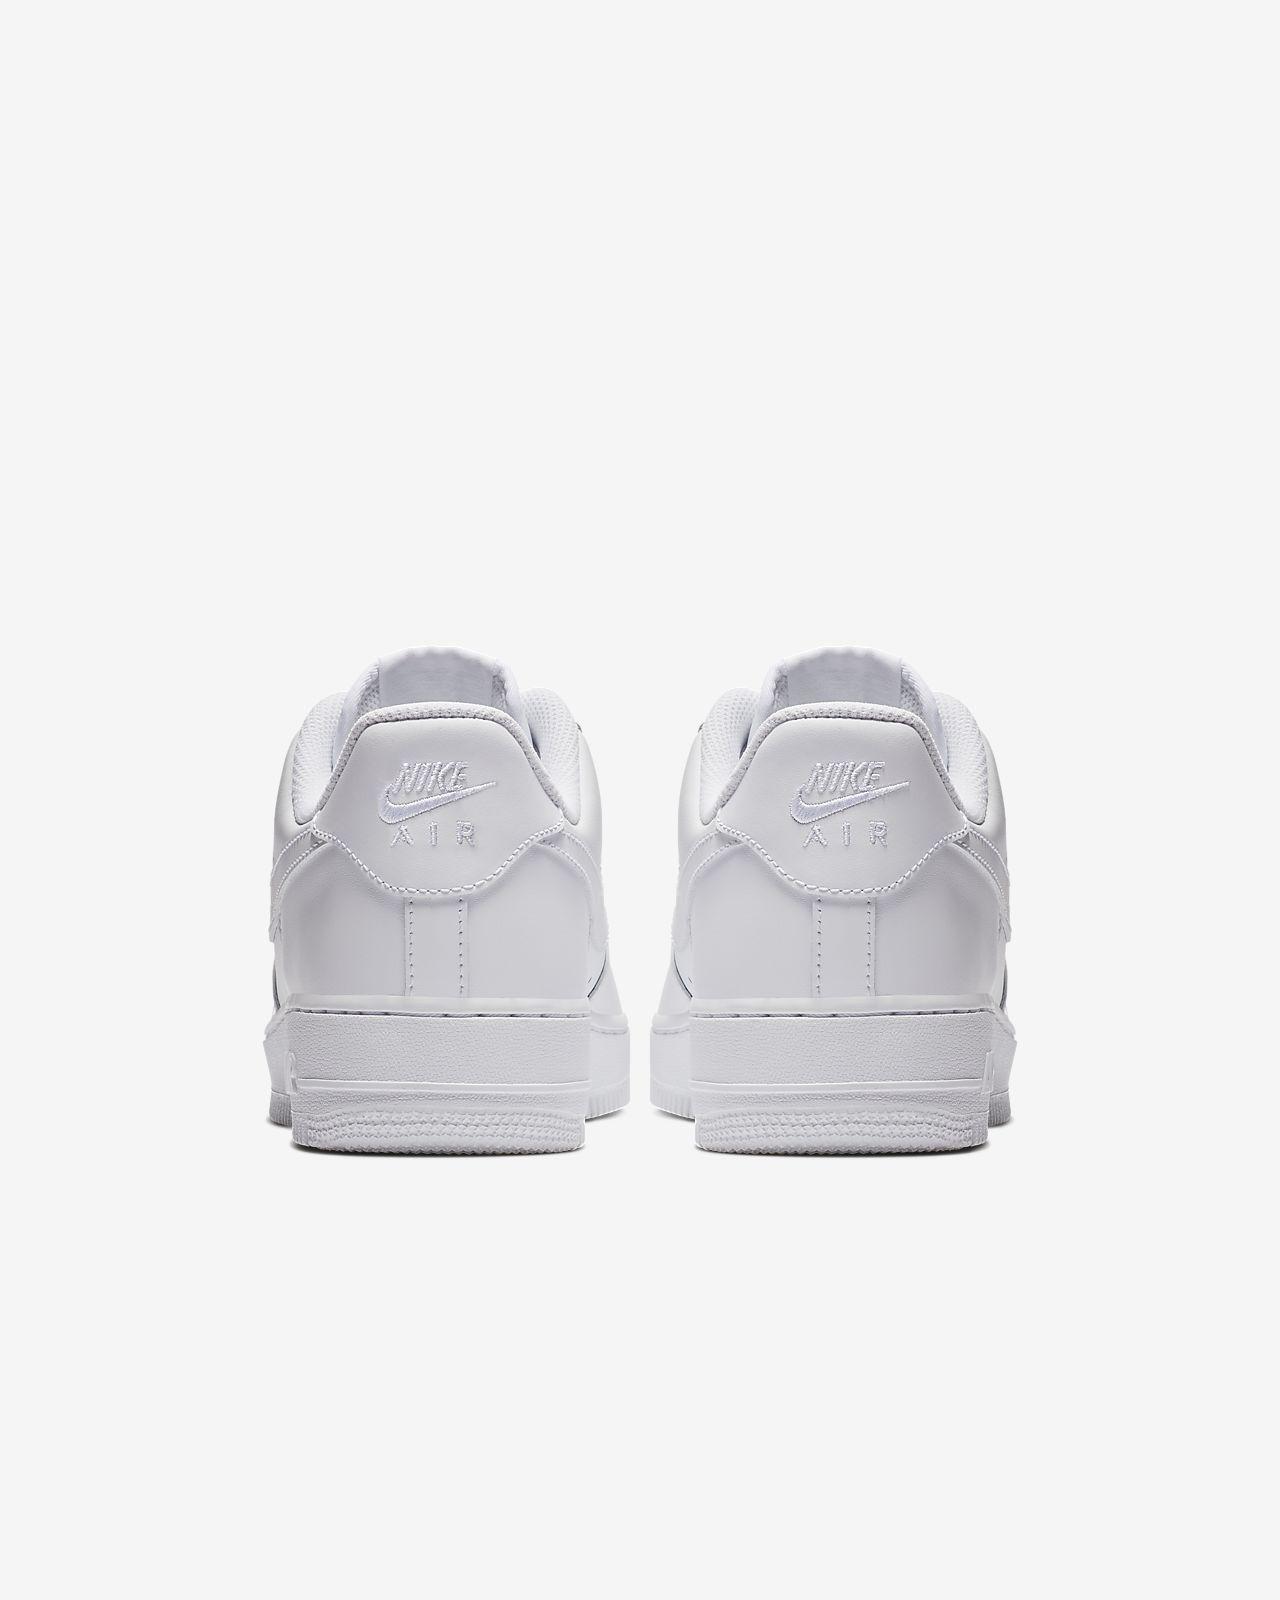 hot sales 609e6 7868b ... Nike Air Force 1  07 Women s Shoe